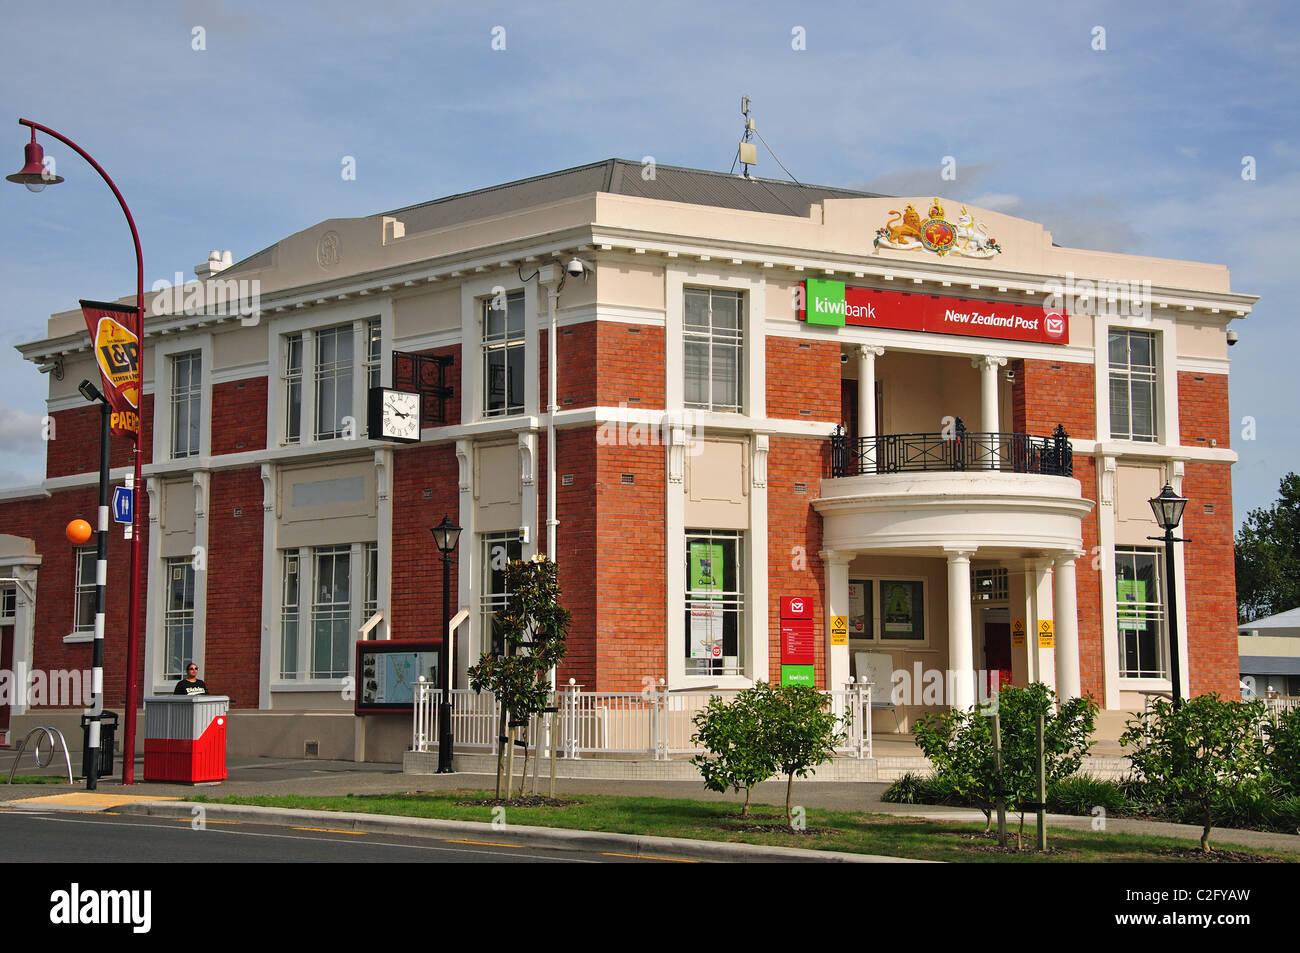 Old Post Office Building, Belmont Road, Paeroa, de la région de Waikato, Nouvelle-Zélande, île du Photo Stock